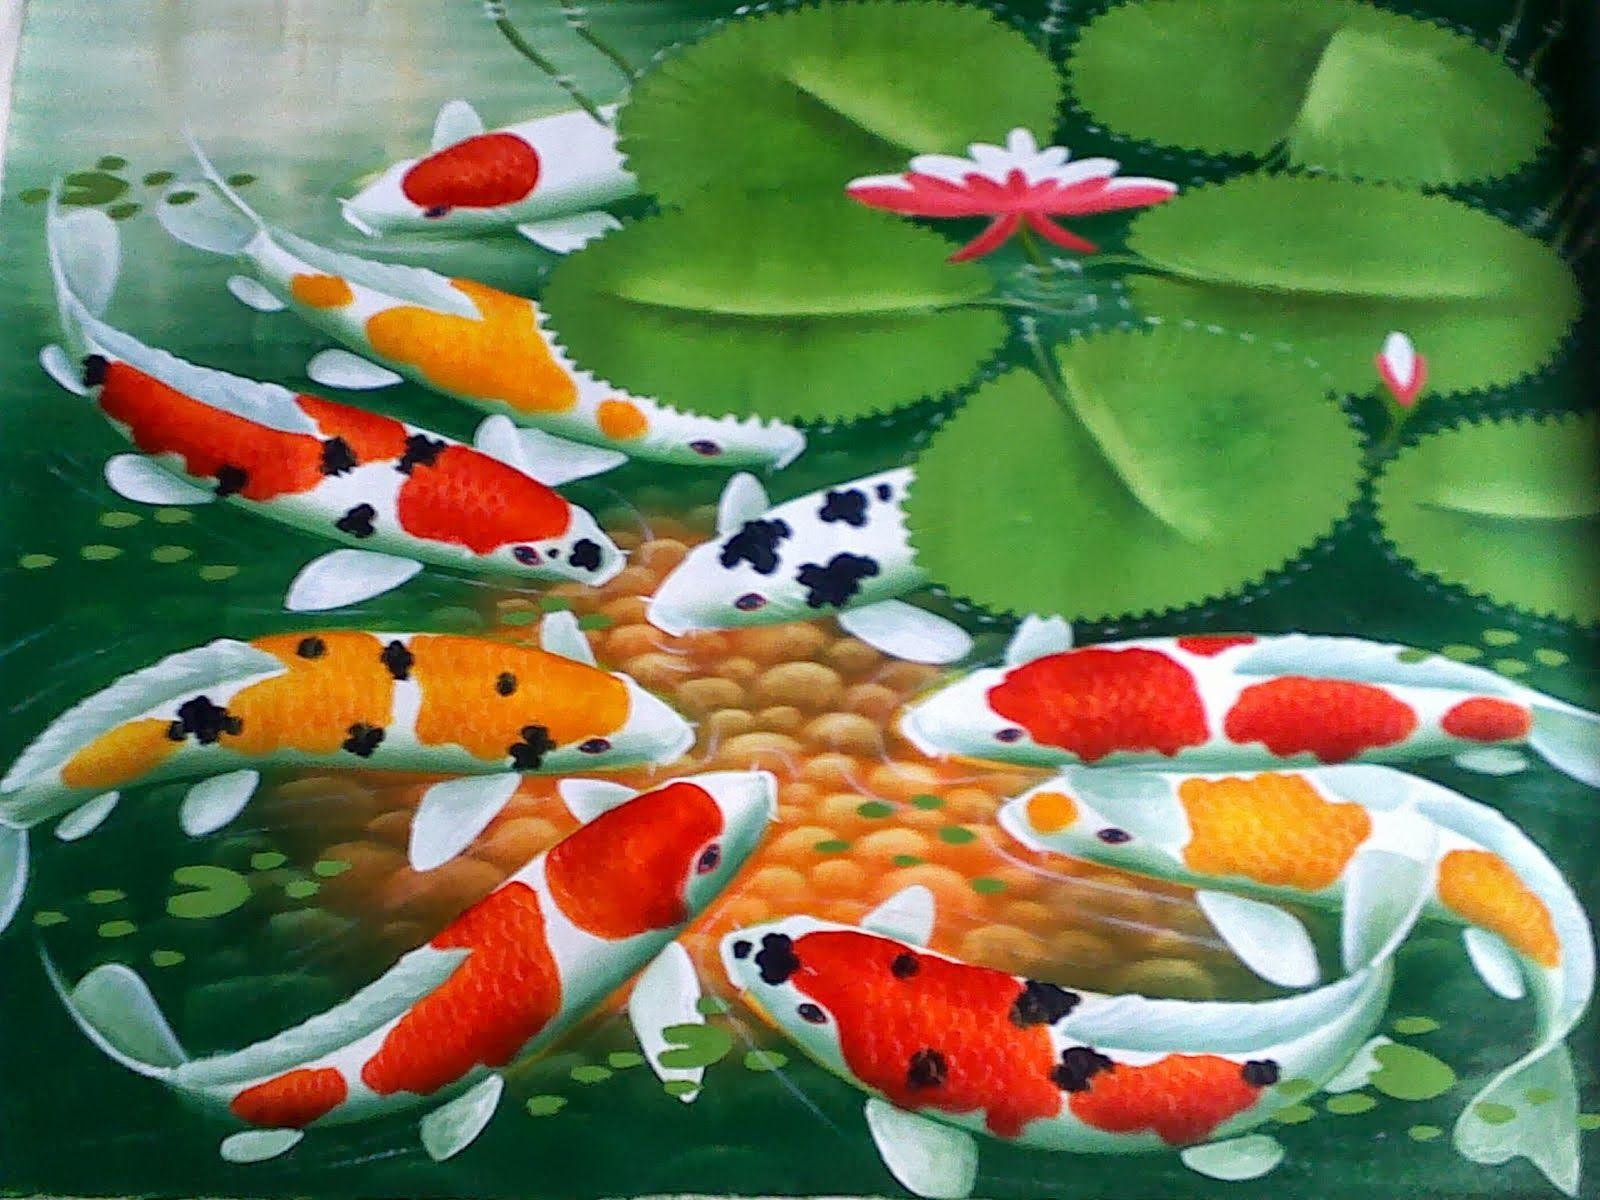 Wallpaper Ikan Bergerak Dalam Aquarium